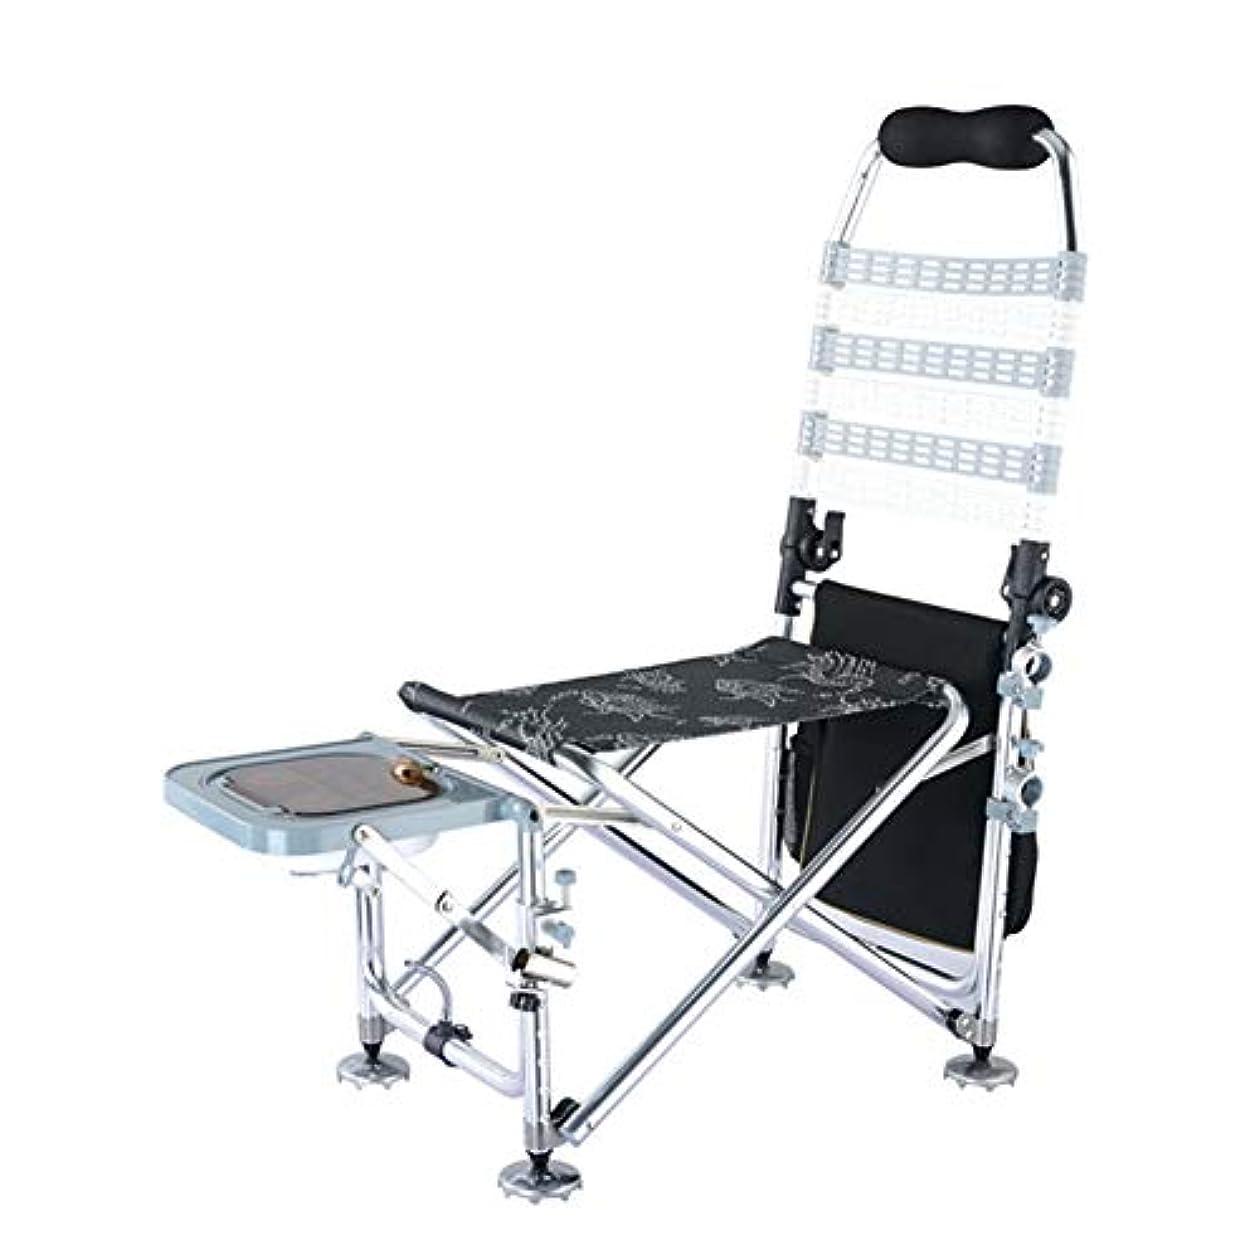 幾何学グレード一貫性のない屋外折りたたみ釣り椅子、超軽量アルミ合金多目的釣り椅子釣り機器、快適なハイバックデザイン、ポータブルキャリングケース付きトラベルチェア